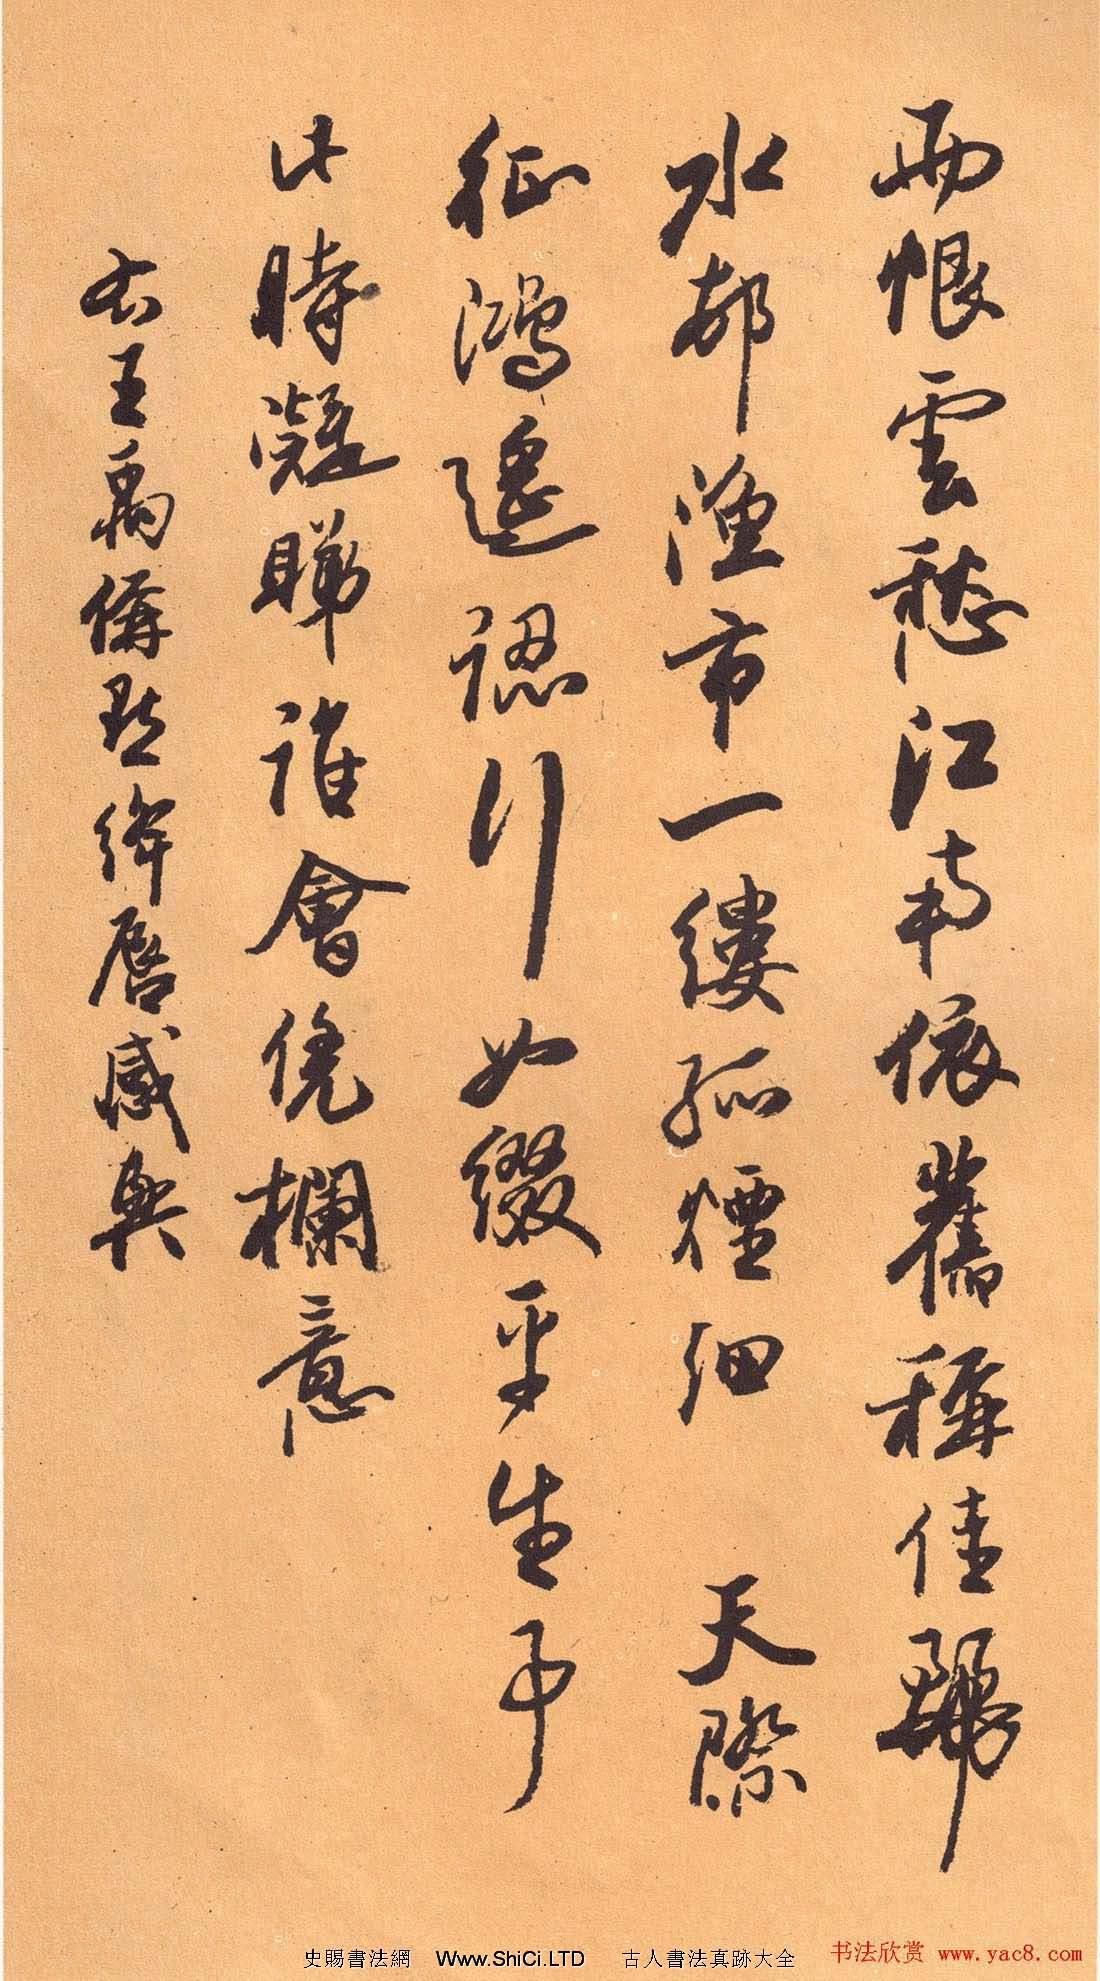 歐陽中石書法字帖《中石夜讀詞鈔》(共80張圖片)